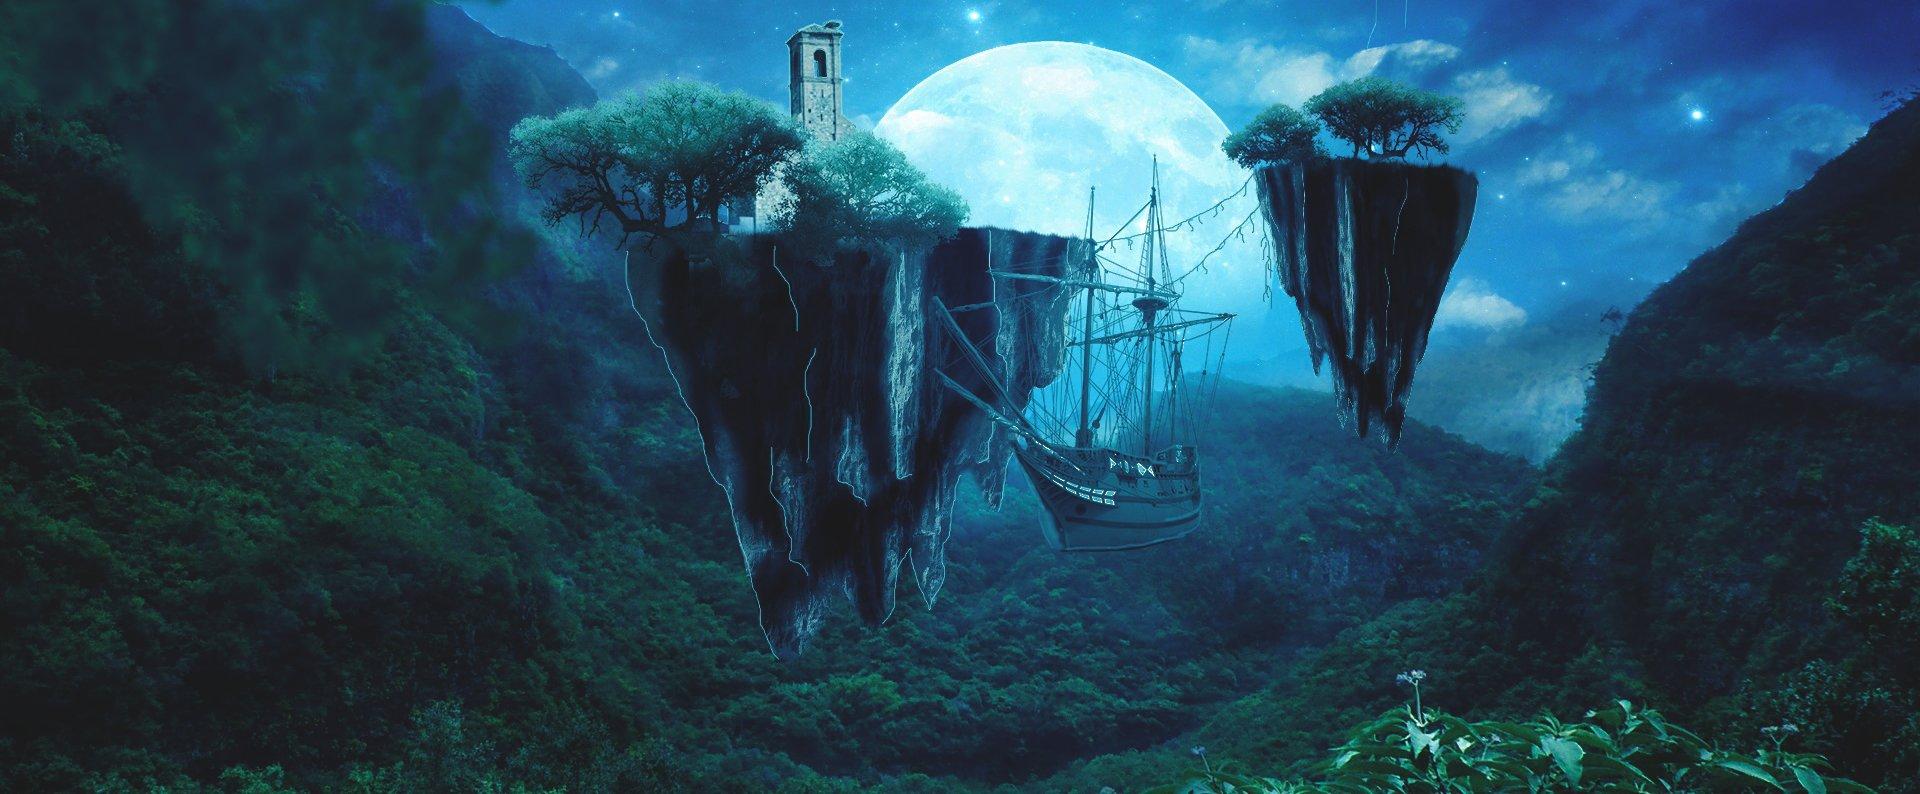 Jak rozpoznać świat fantazji? Jak rozpoznać świat fantazji? Źródło: licencja: CC 0.